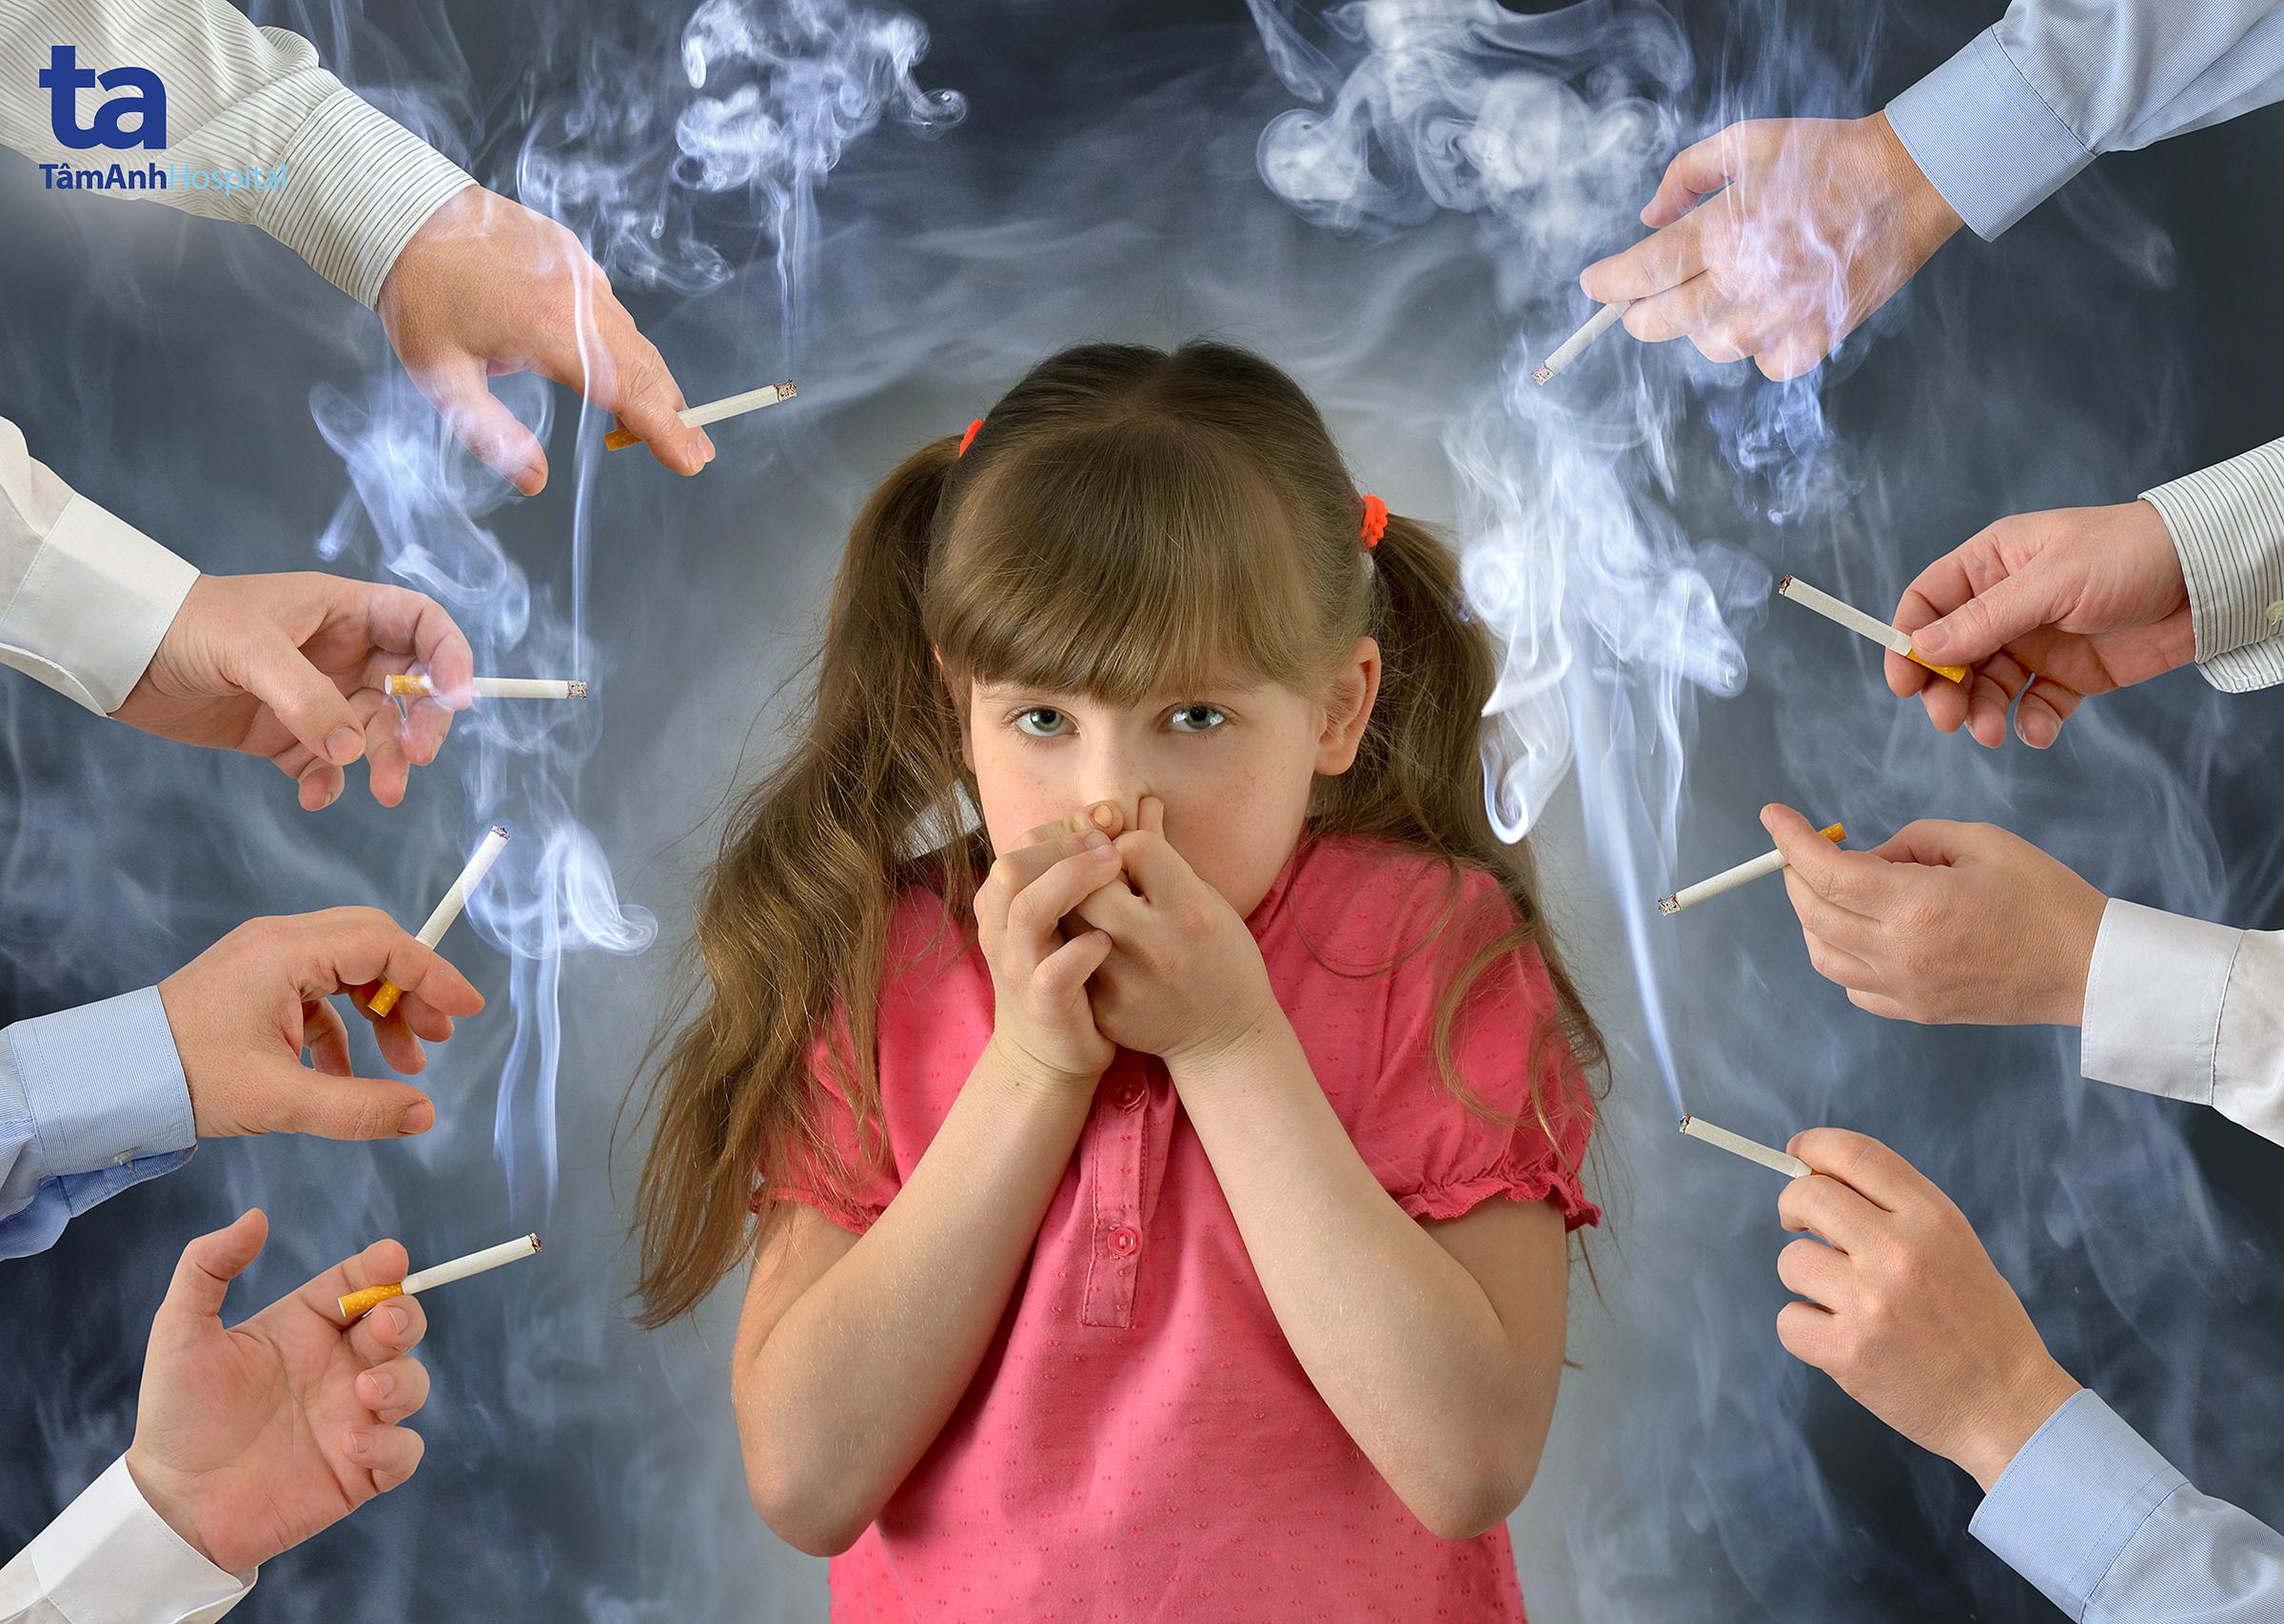 Khói thuốc lá ảnh hưởng đến sức khỏe trẻ em